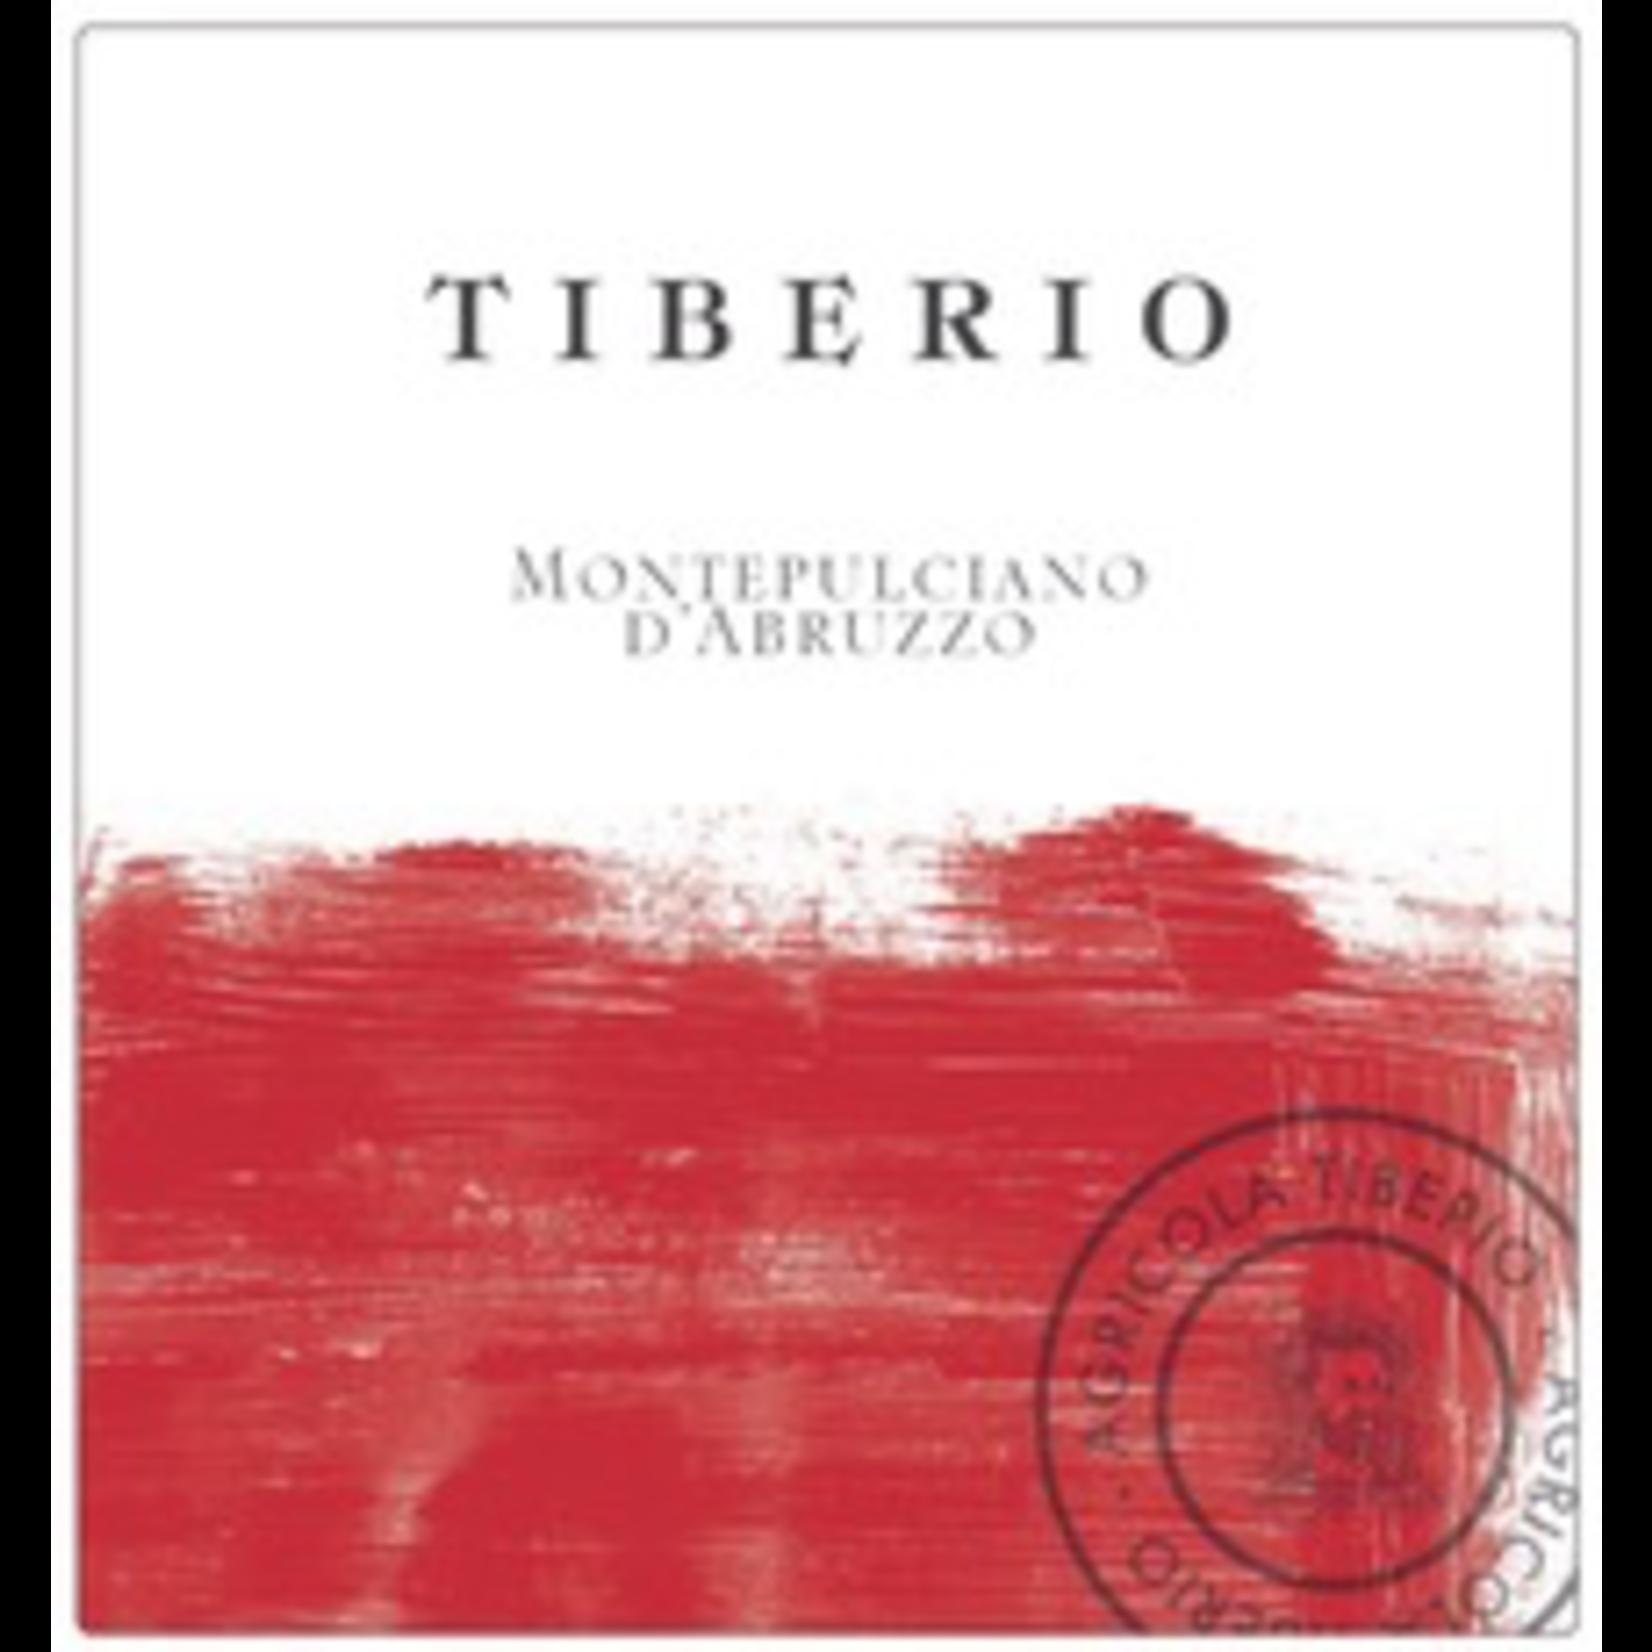 Wine Tiberio Montepulciano d'Abruzzo 2018